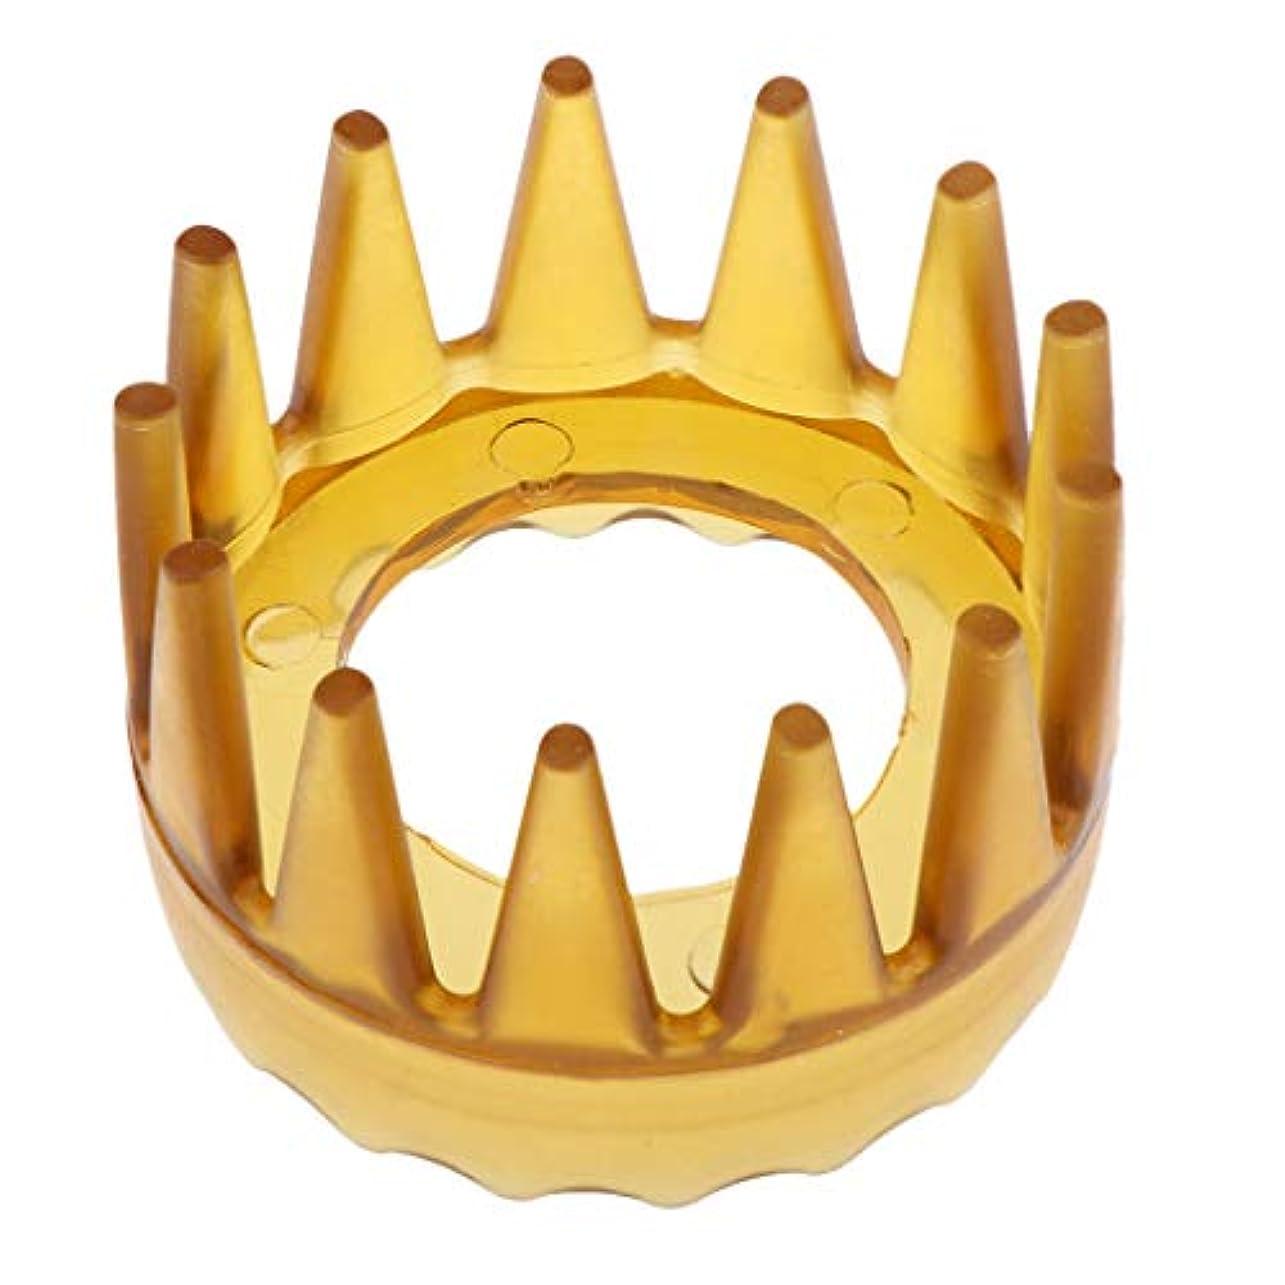 シビックレガシーロンドンヘアケアブラシ 頭皮マッサージ 滑り止め 櫛 くし 4色選べ - 黄